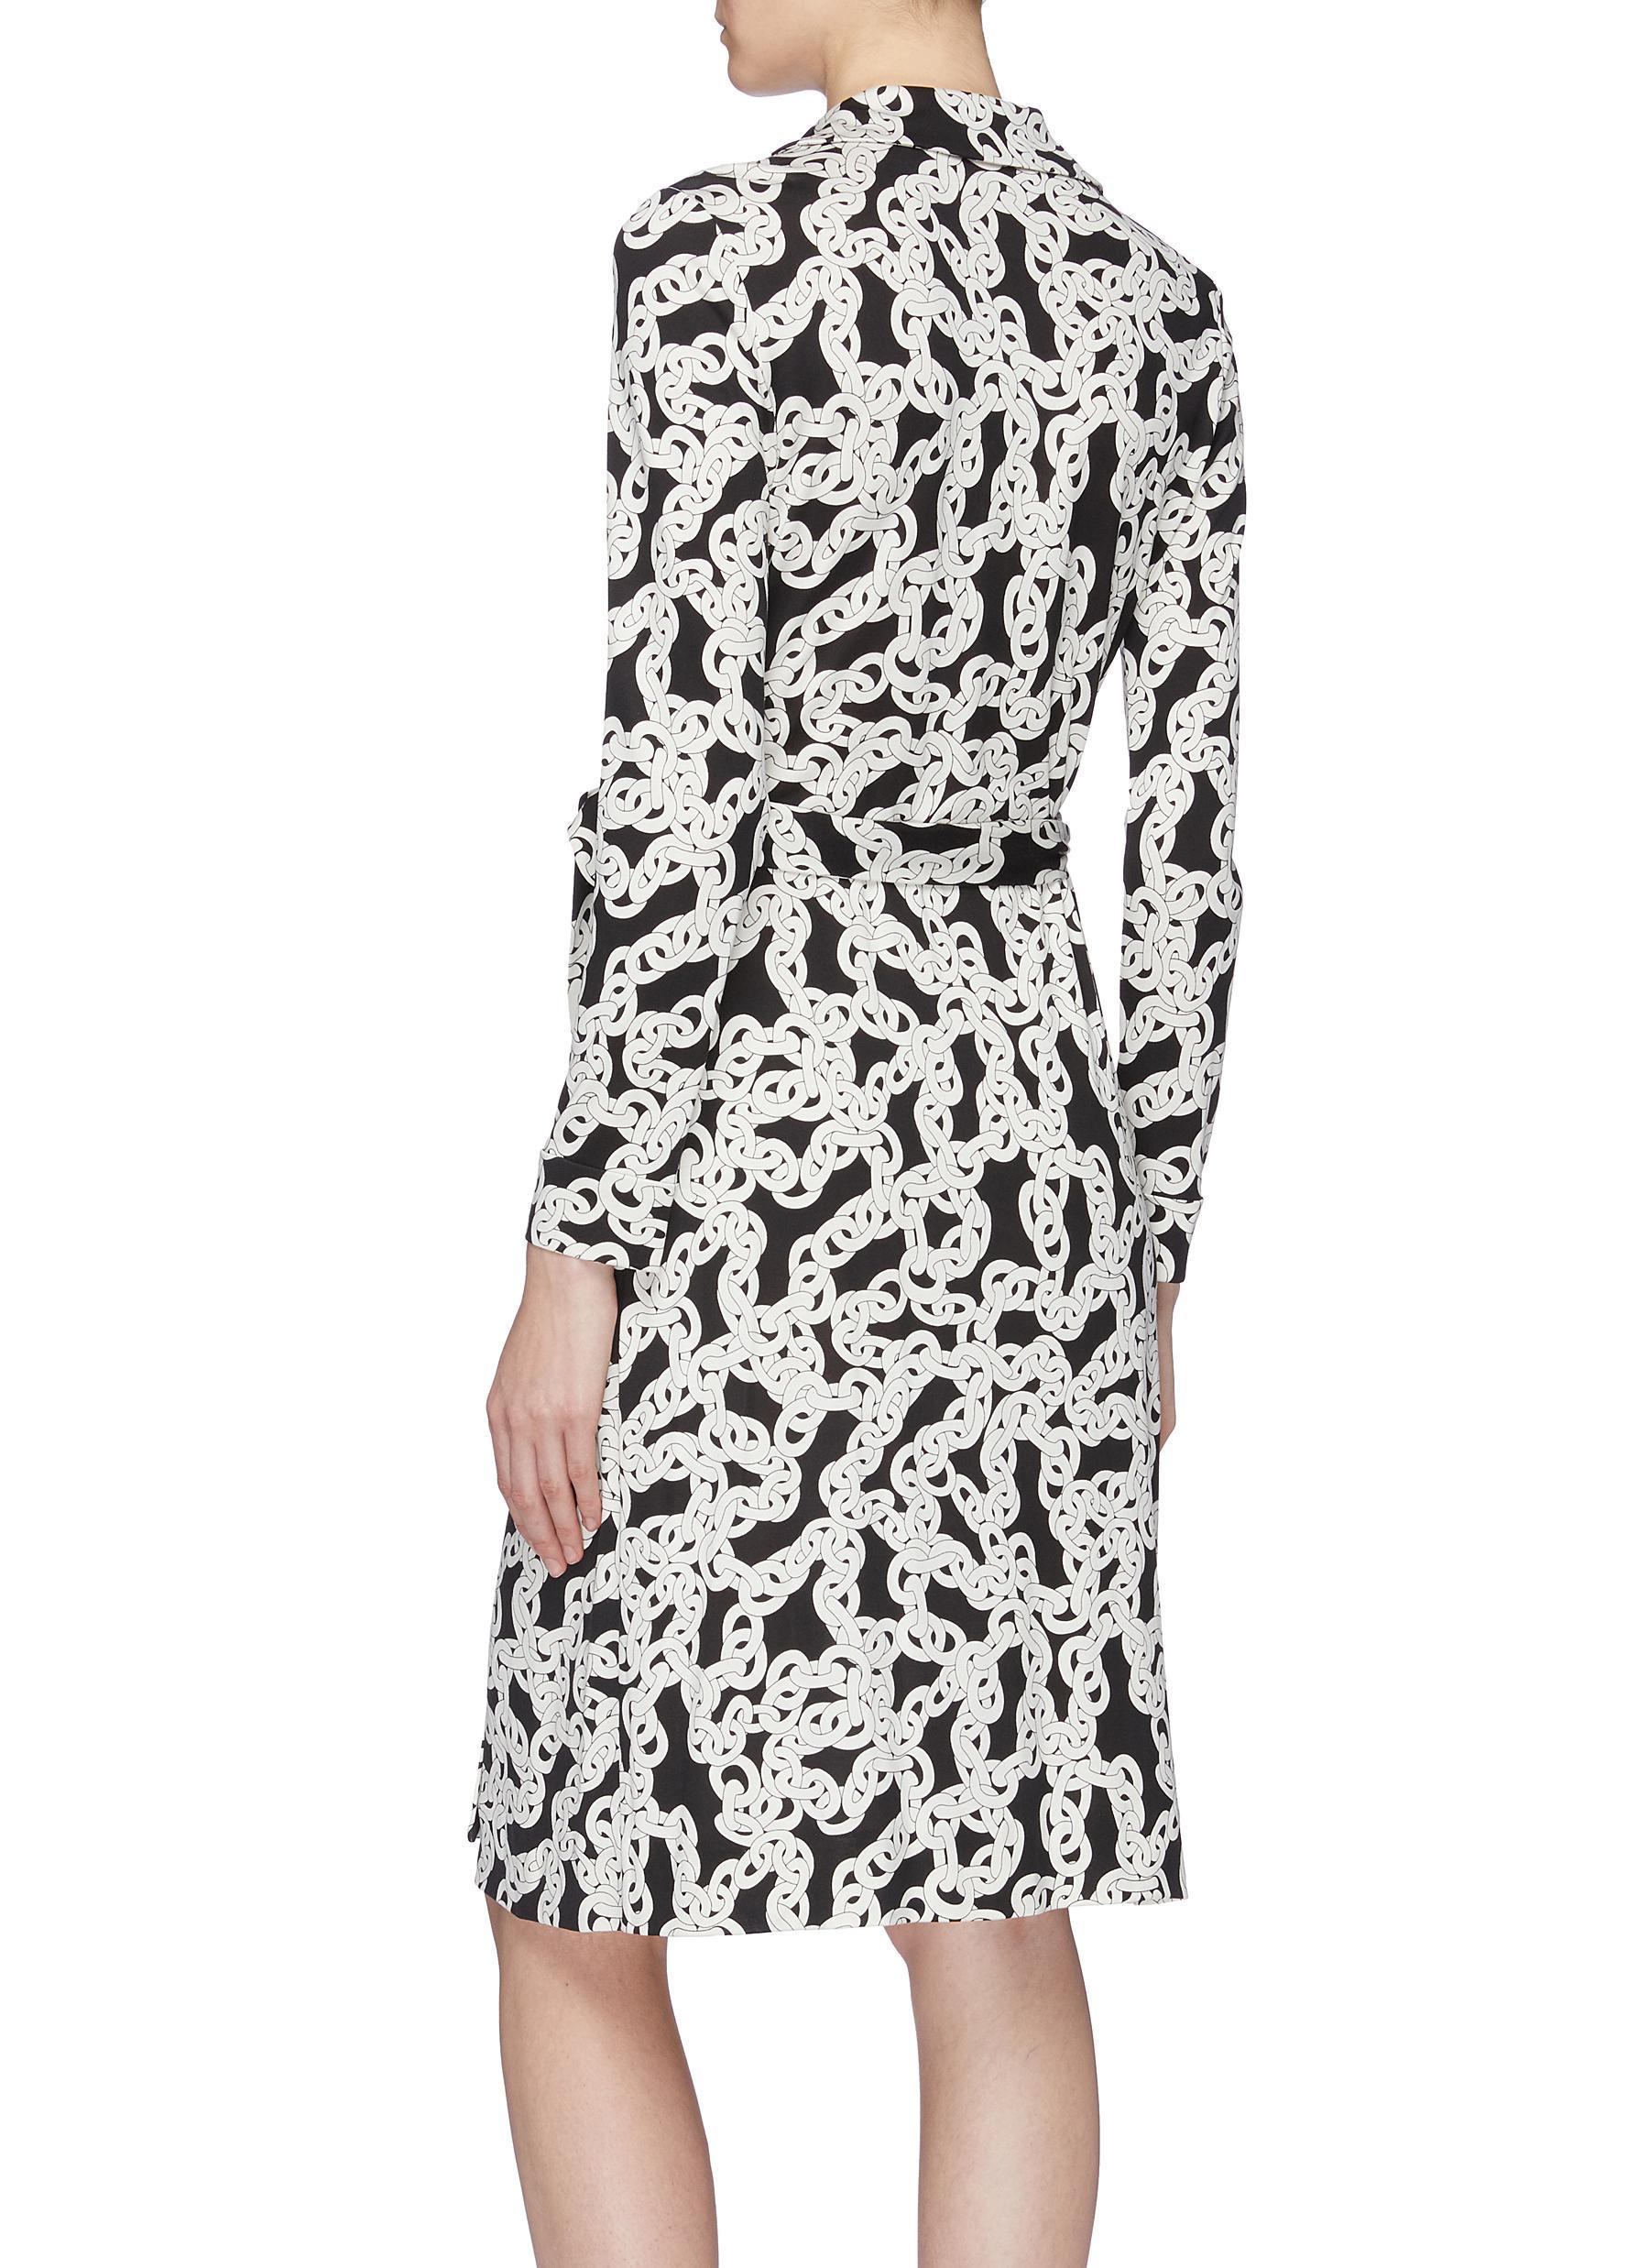 2bdcce05d5b Diane von Furstenberg  new Jeanne  Belted Chain Link Print Silk ...